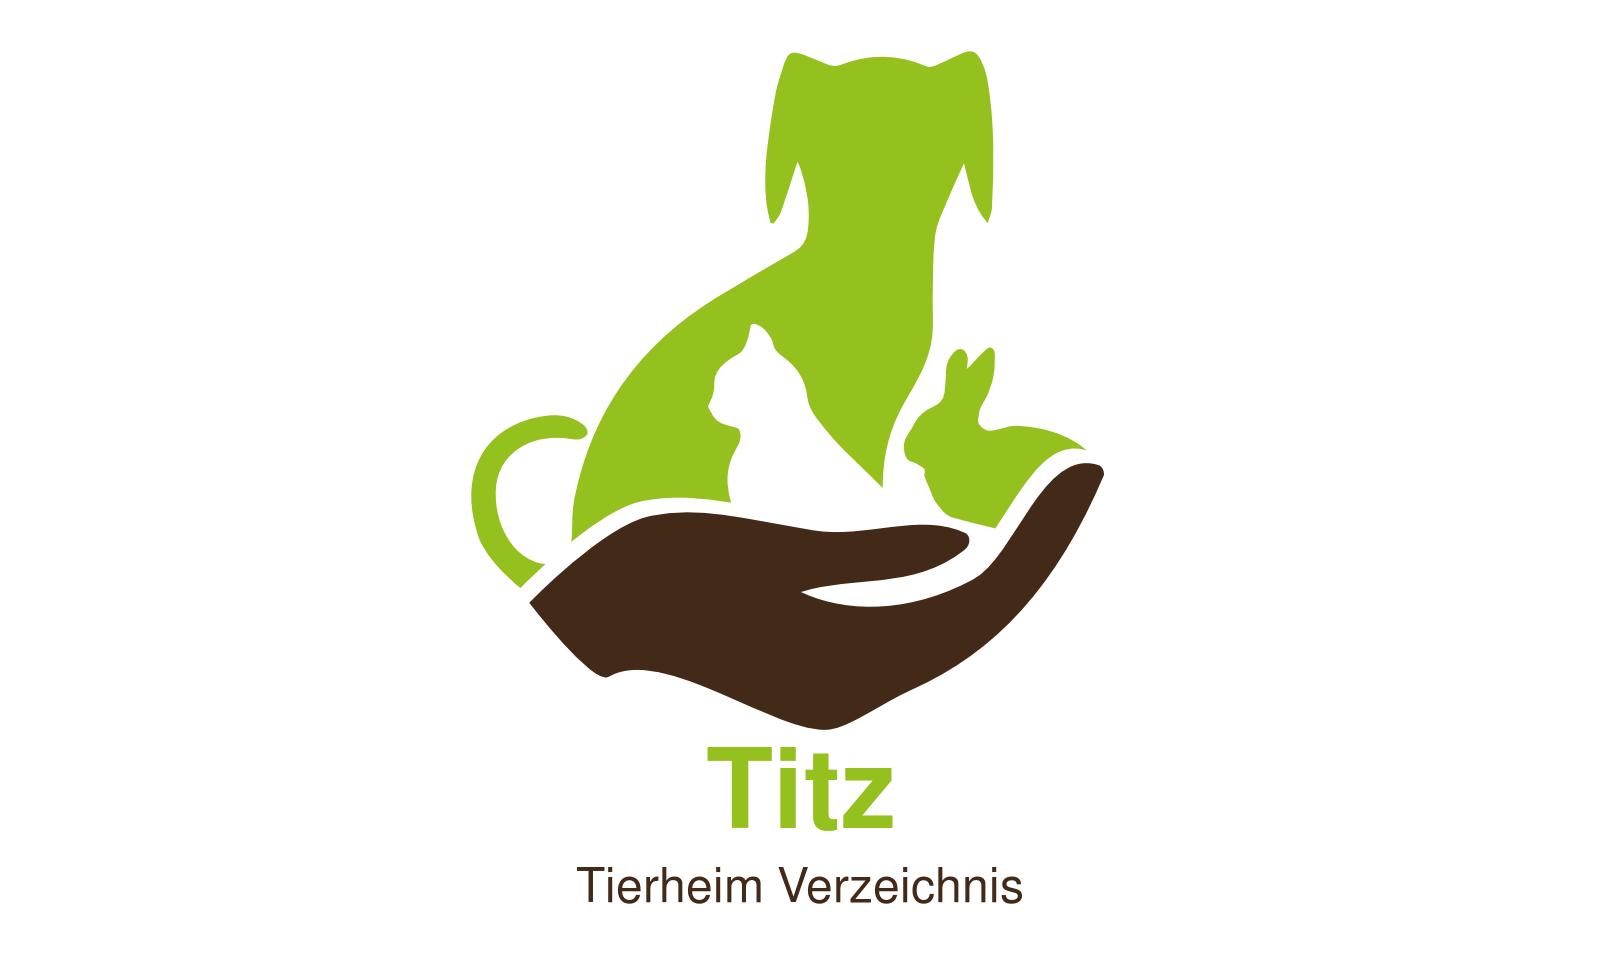 Tierheim Titz